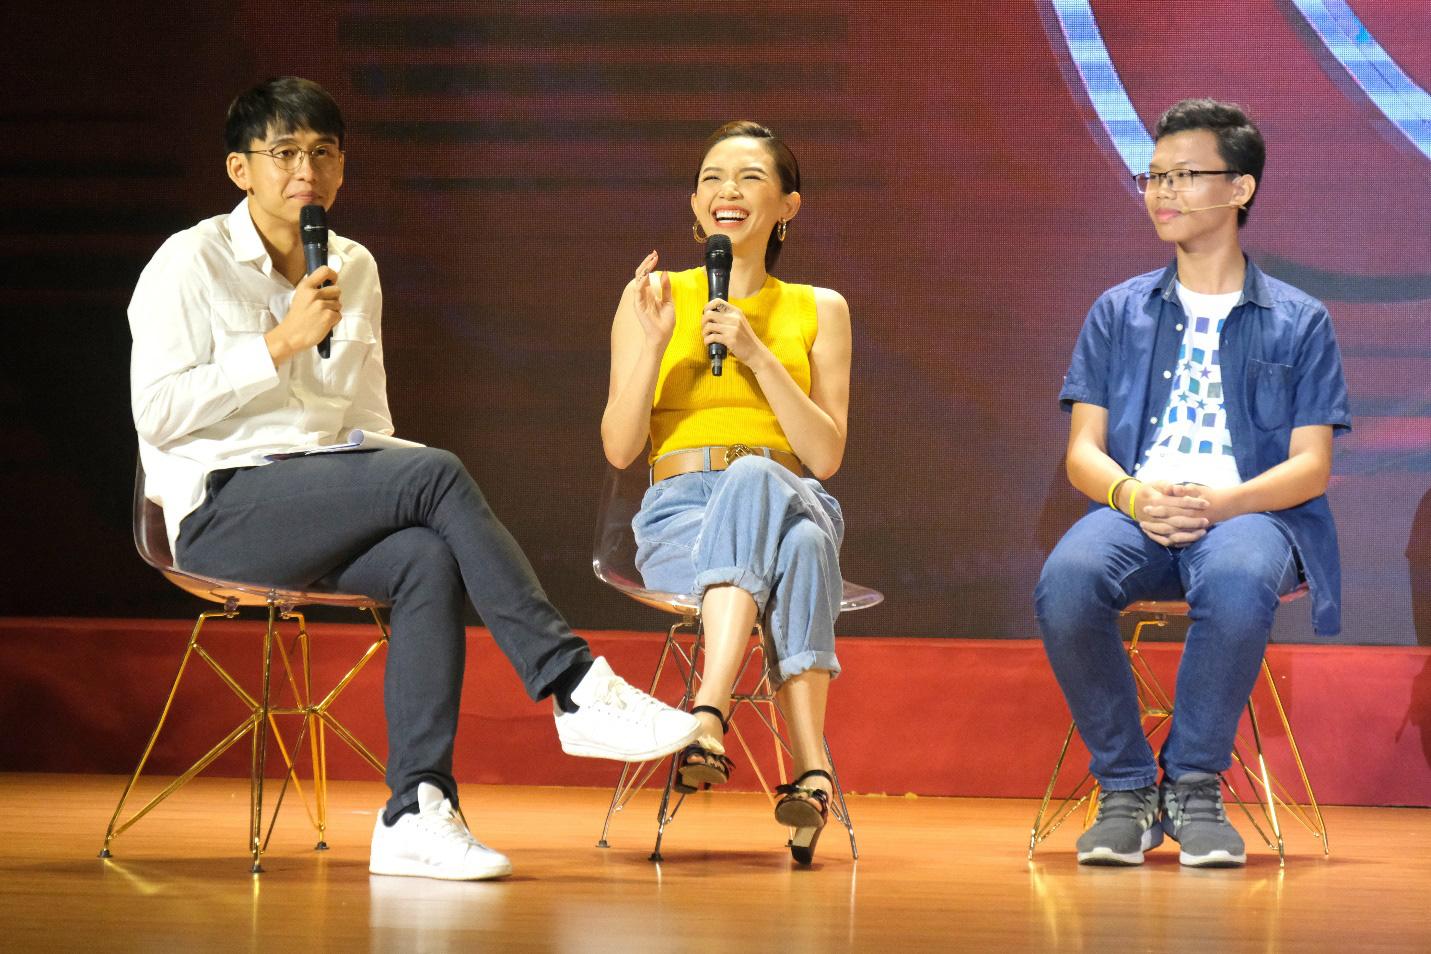 Dàn siêu trí tuệ quốc tế và Việt Nam bất ngờ hội ngộ khiến fan Việt vỡ òa - Ảnh 12.